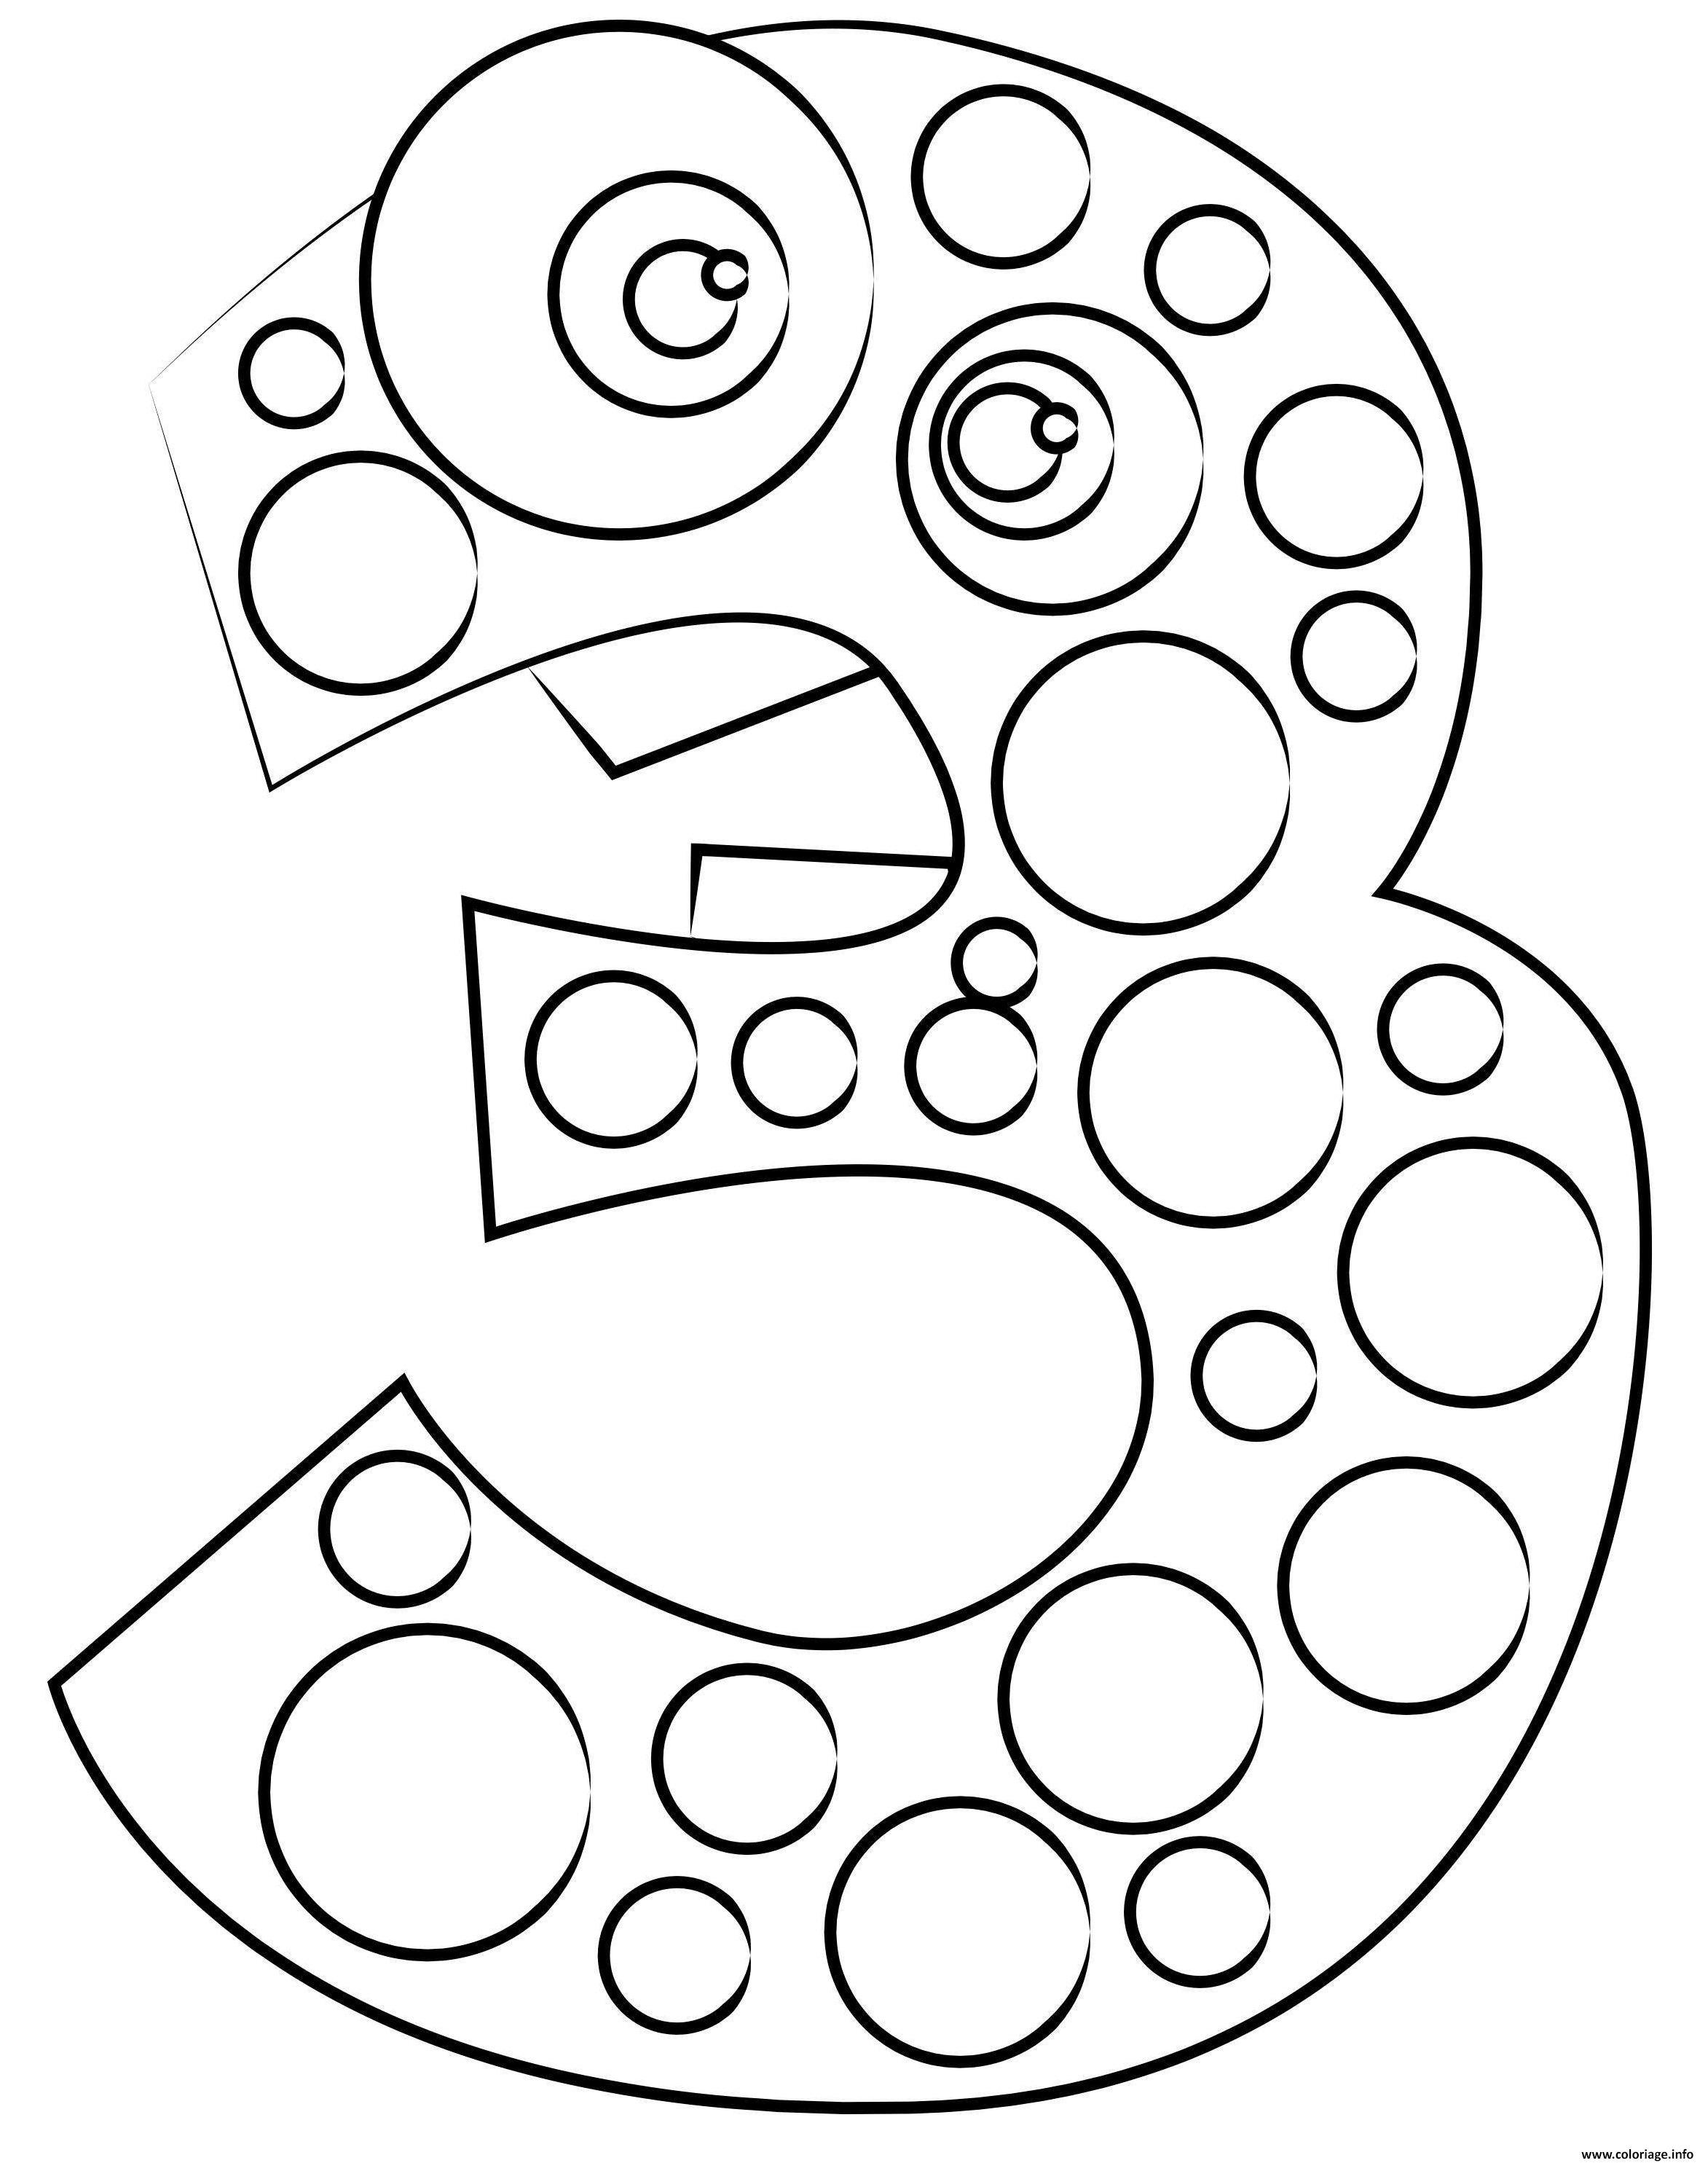 Dessin chiffre 5 maternelle Coloriage Gratuit à Imprimer